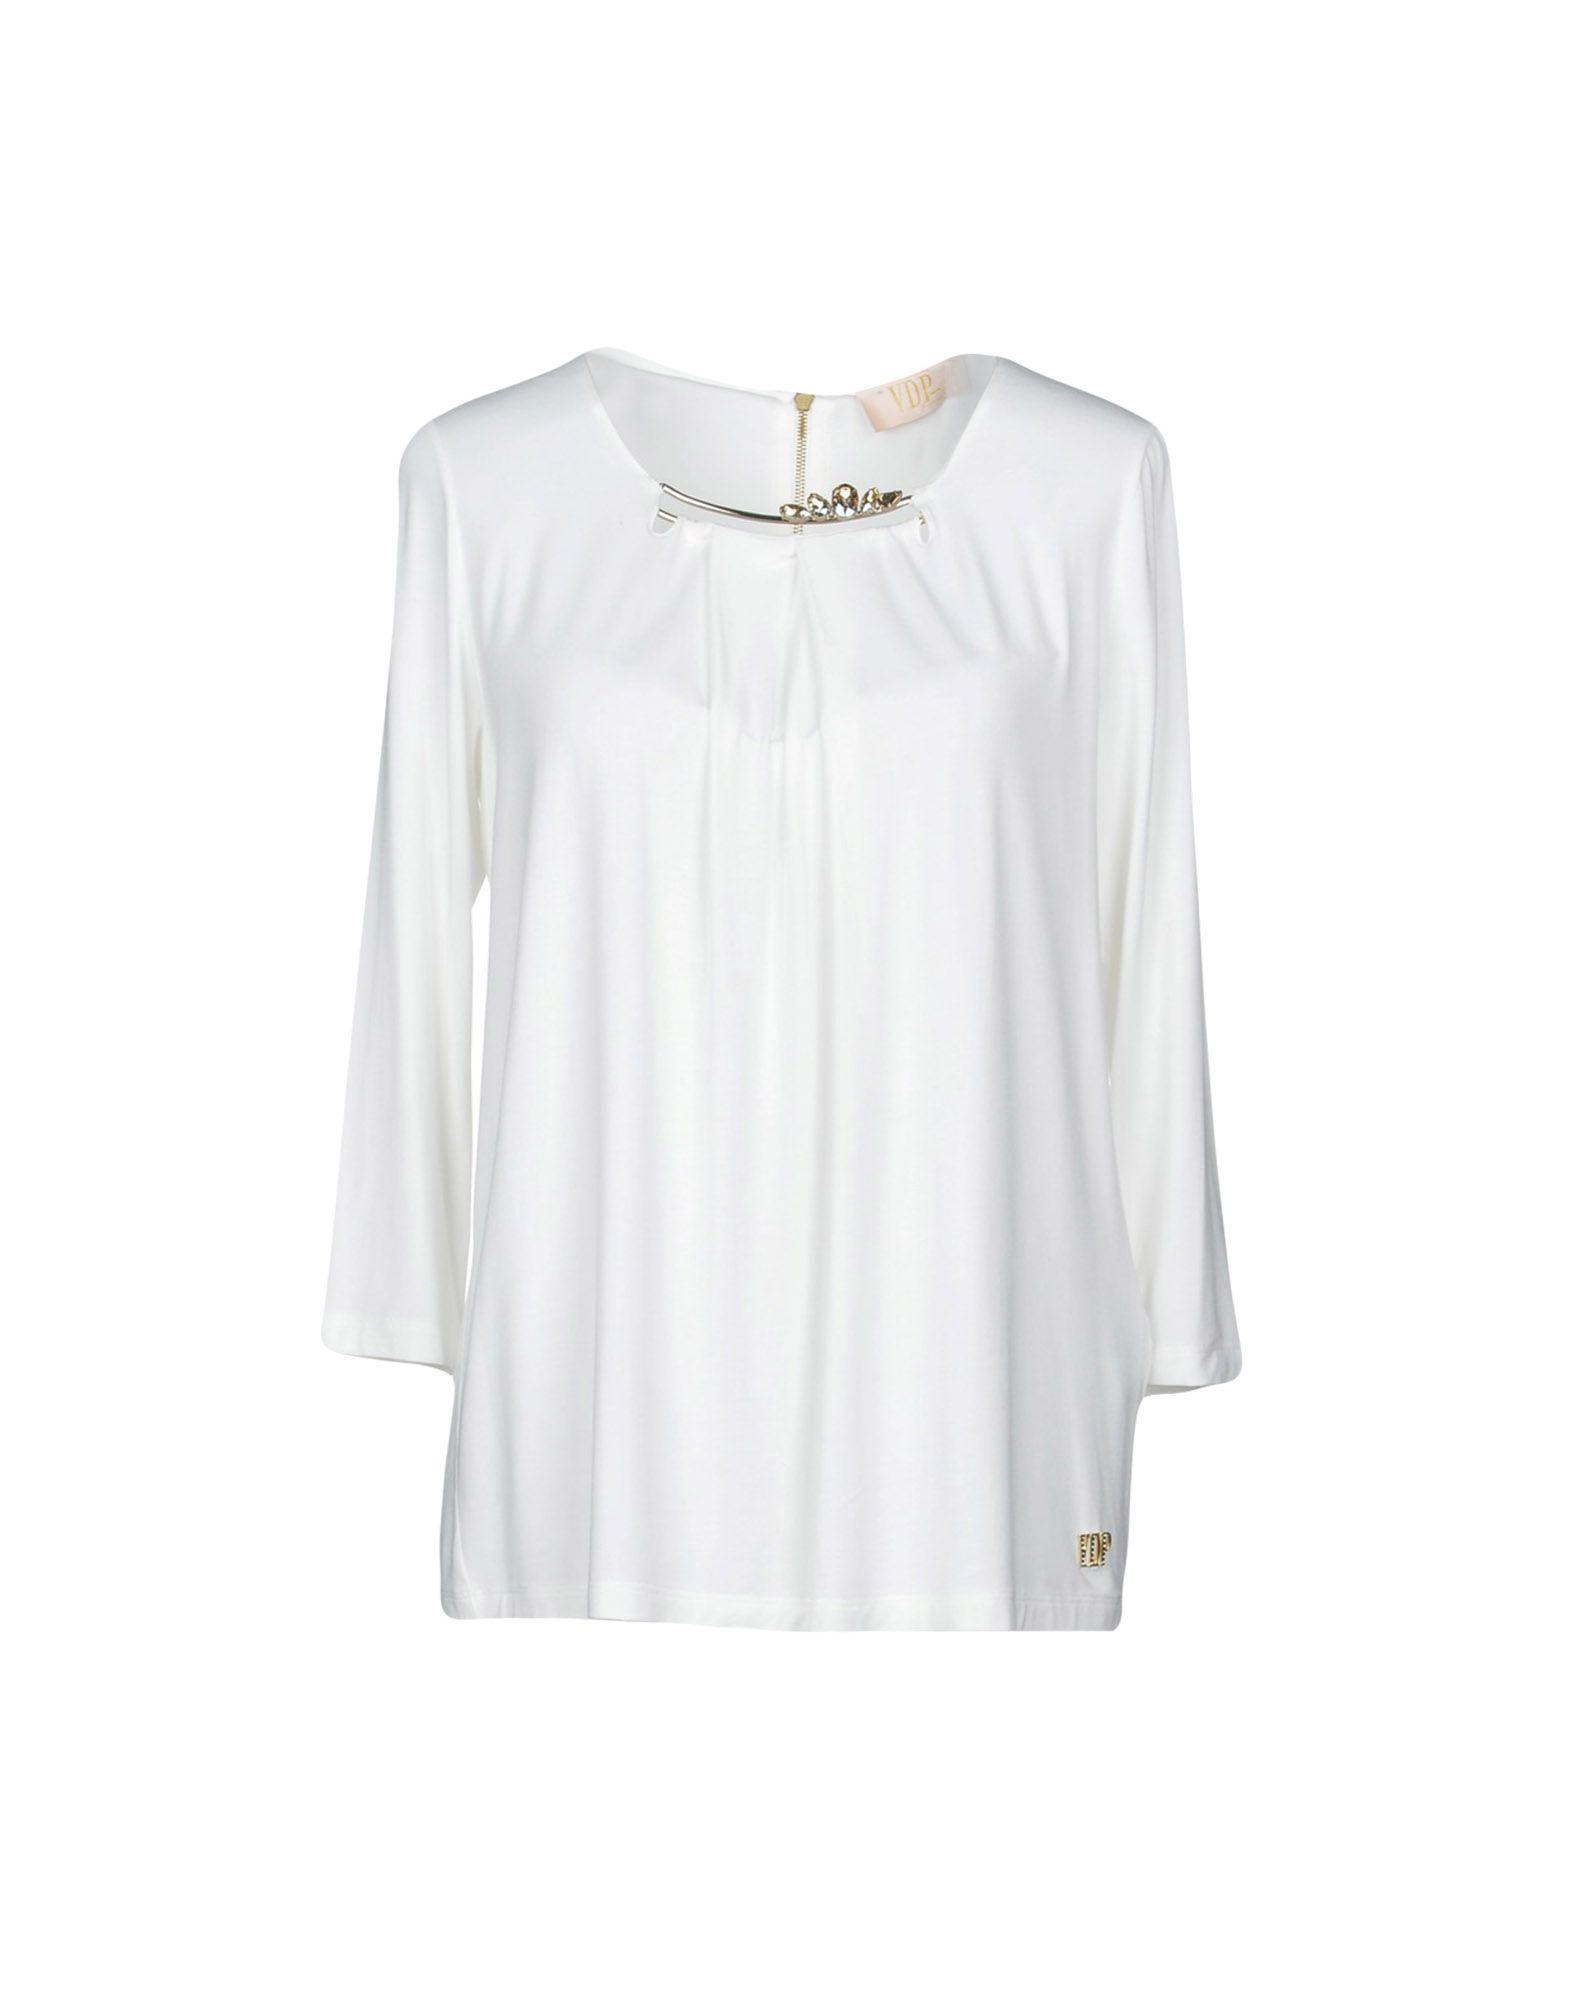 T shirt Collection VdpBoutique Ligne Femmes En 3ulF1JcTK5